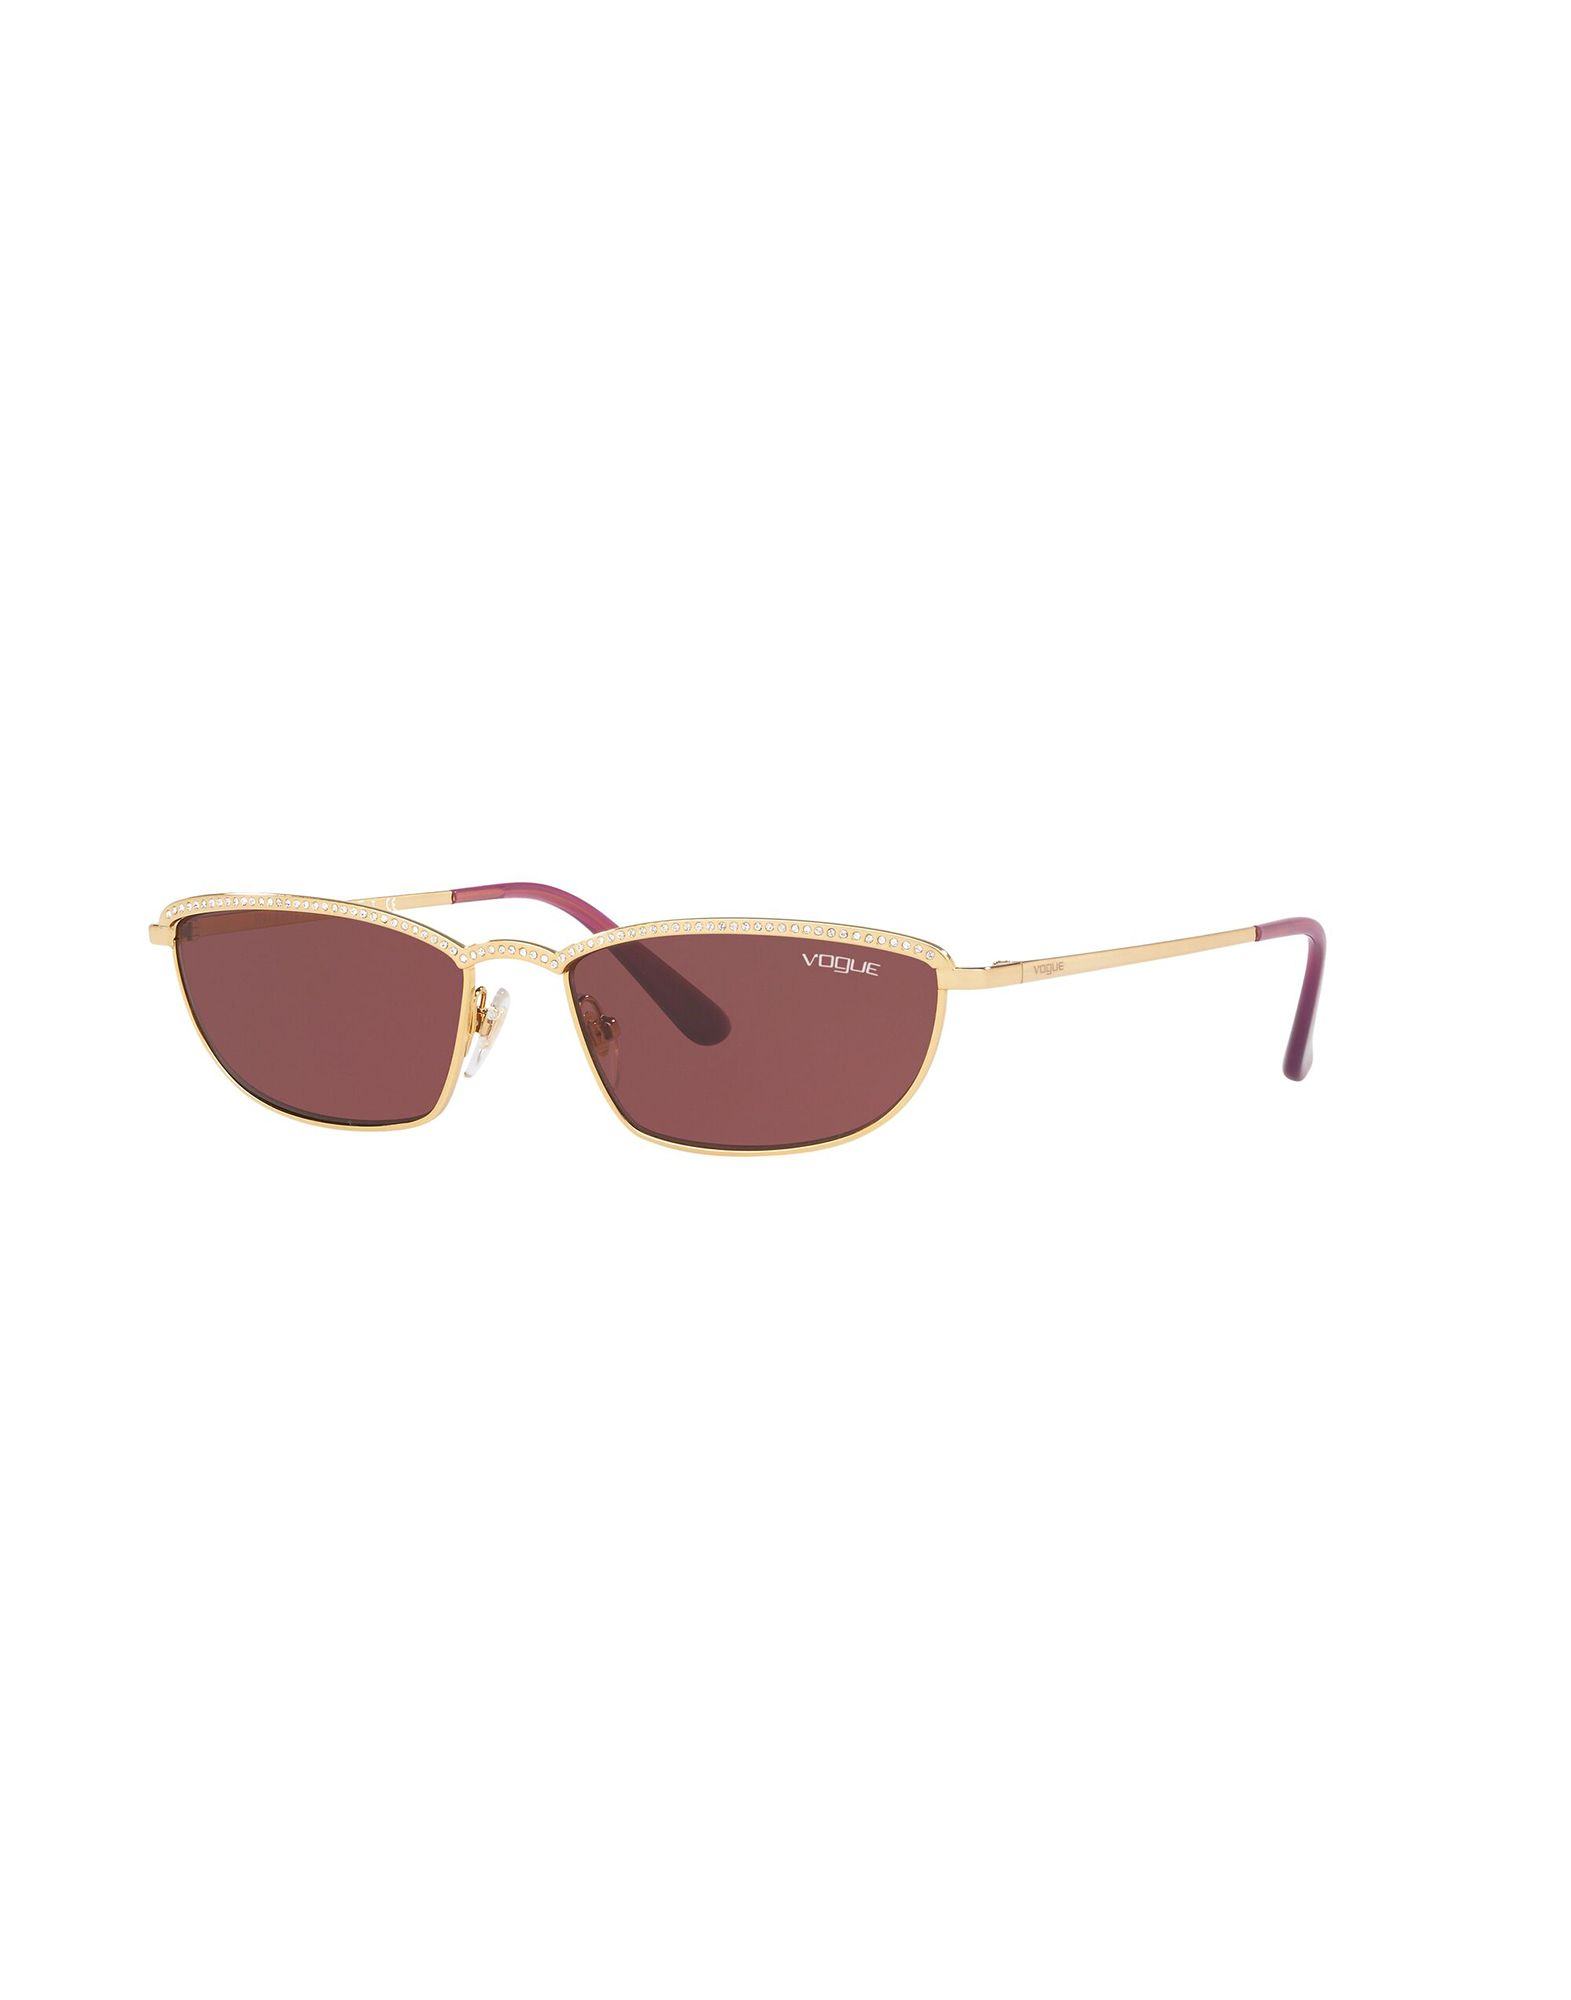 Фото - GIGI HADID for VOGUE Солнечные очки 3d очки